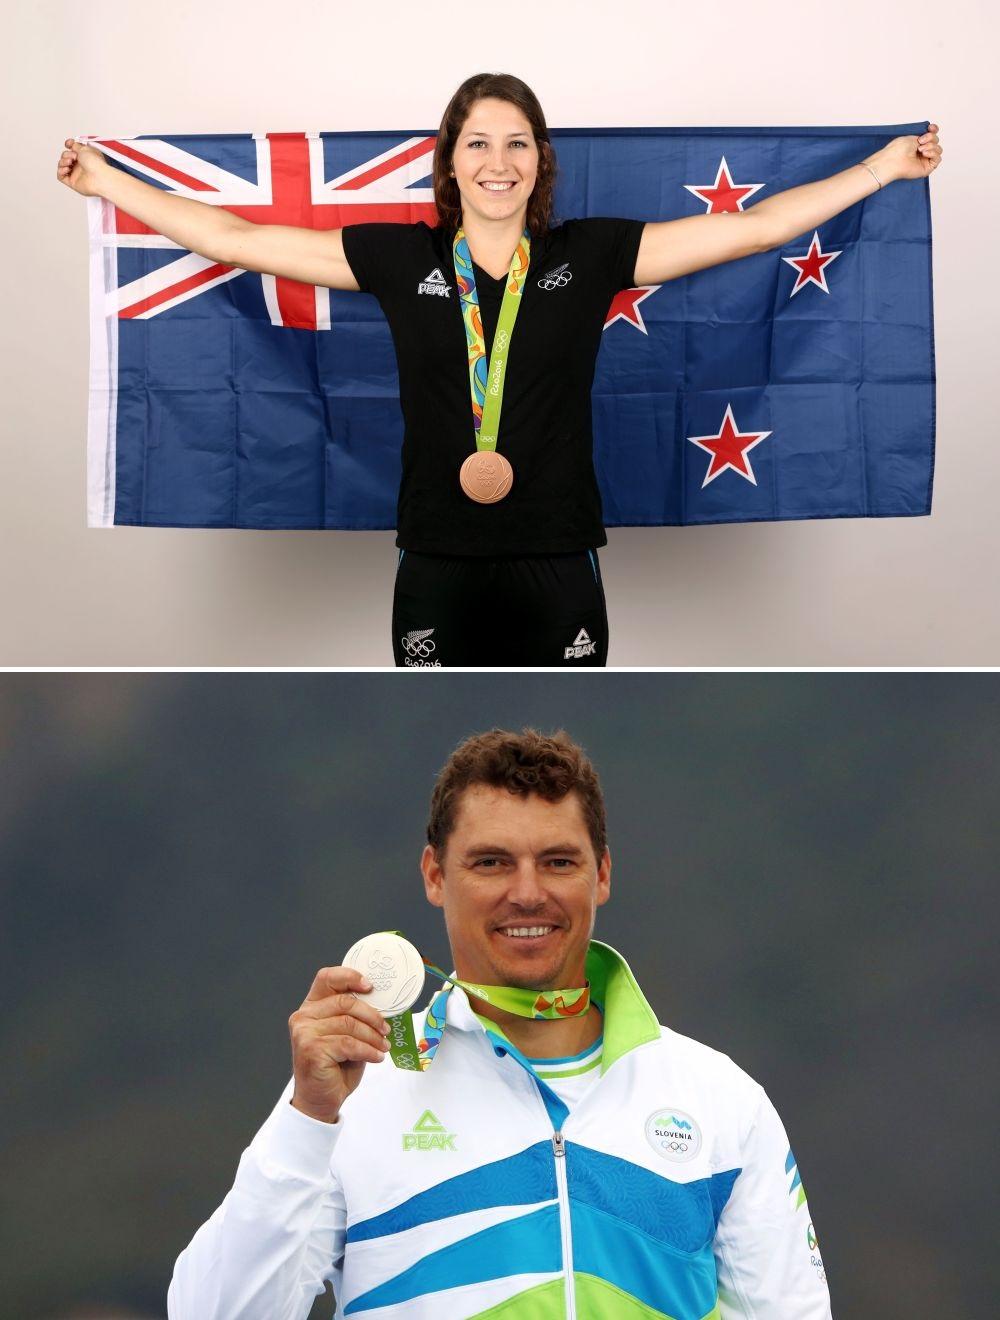 Slovenul Vasilij Zbogar (argint la yahting) și neozeelandeza Eliza McCartney (bronz la prăjină) în echipament Peak la Rio 2016